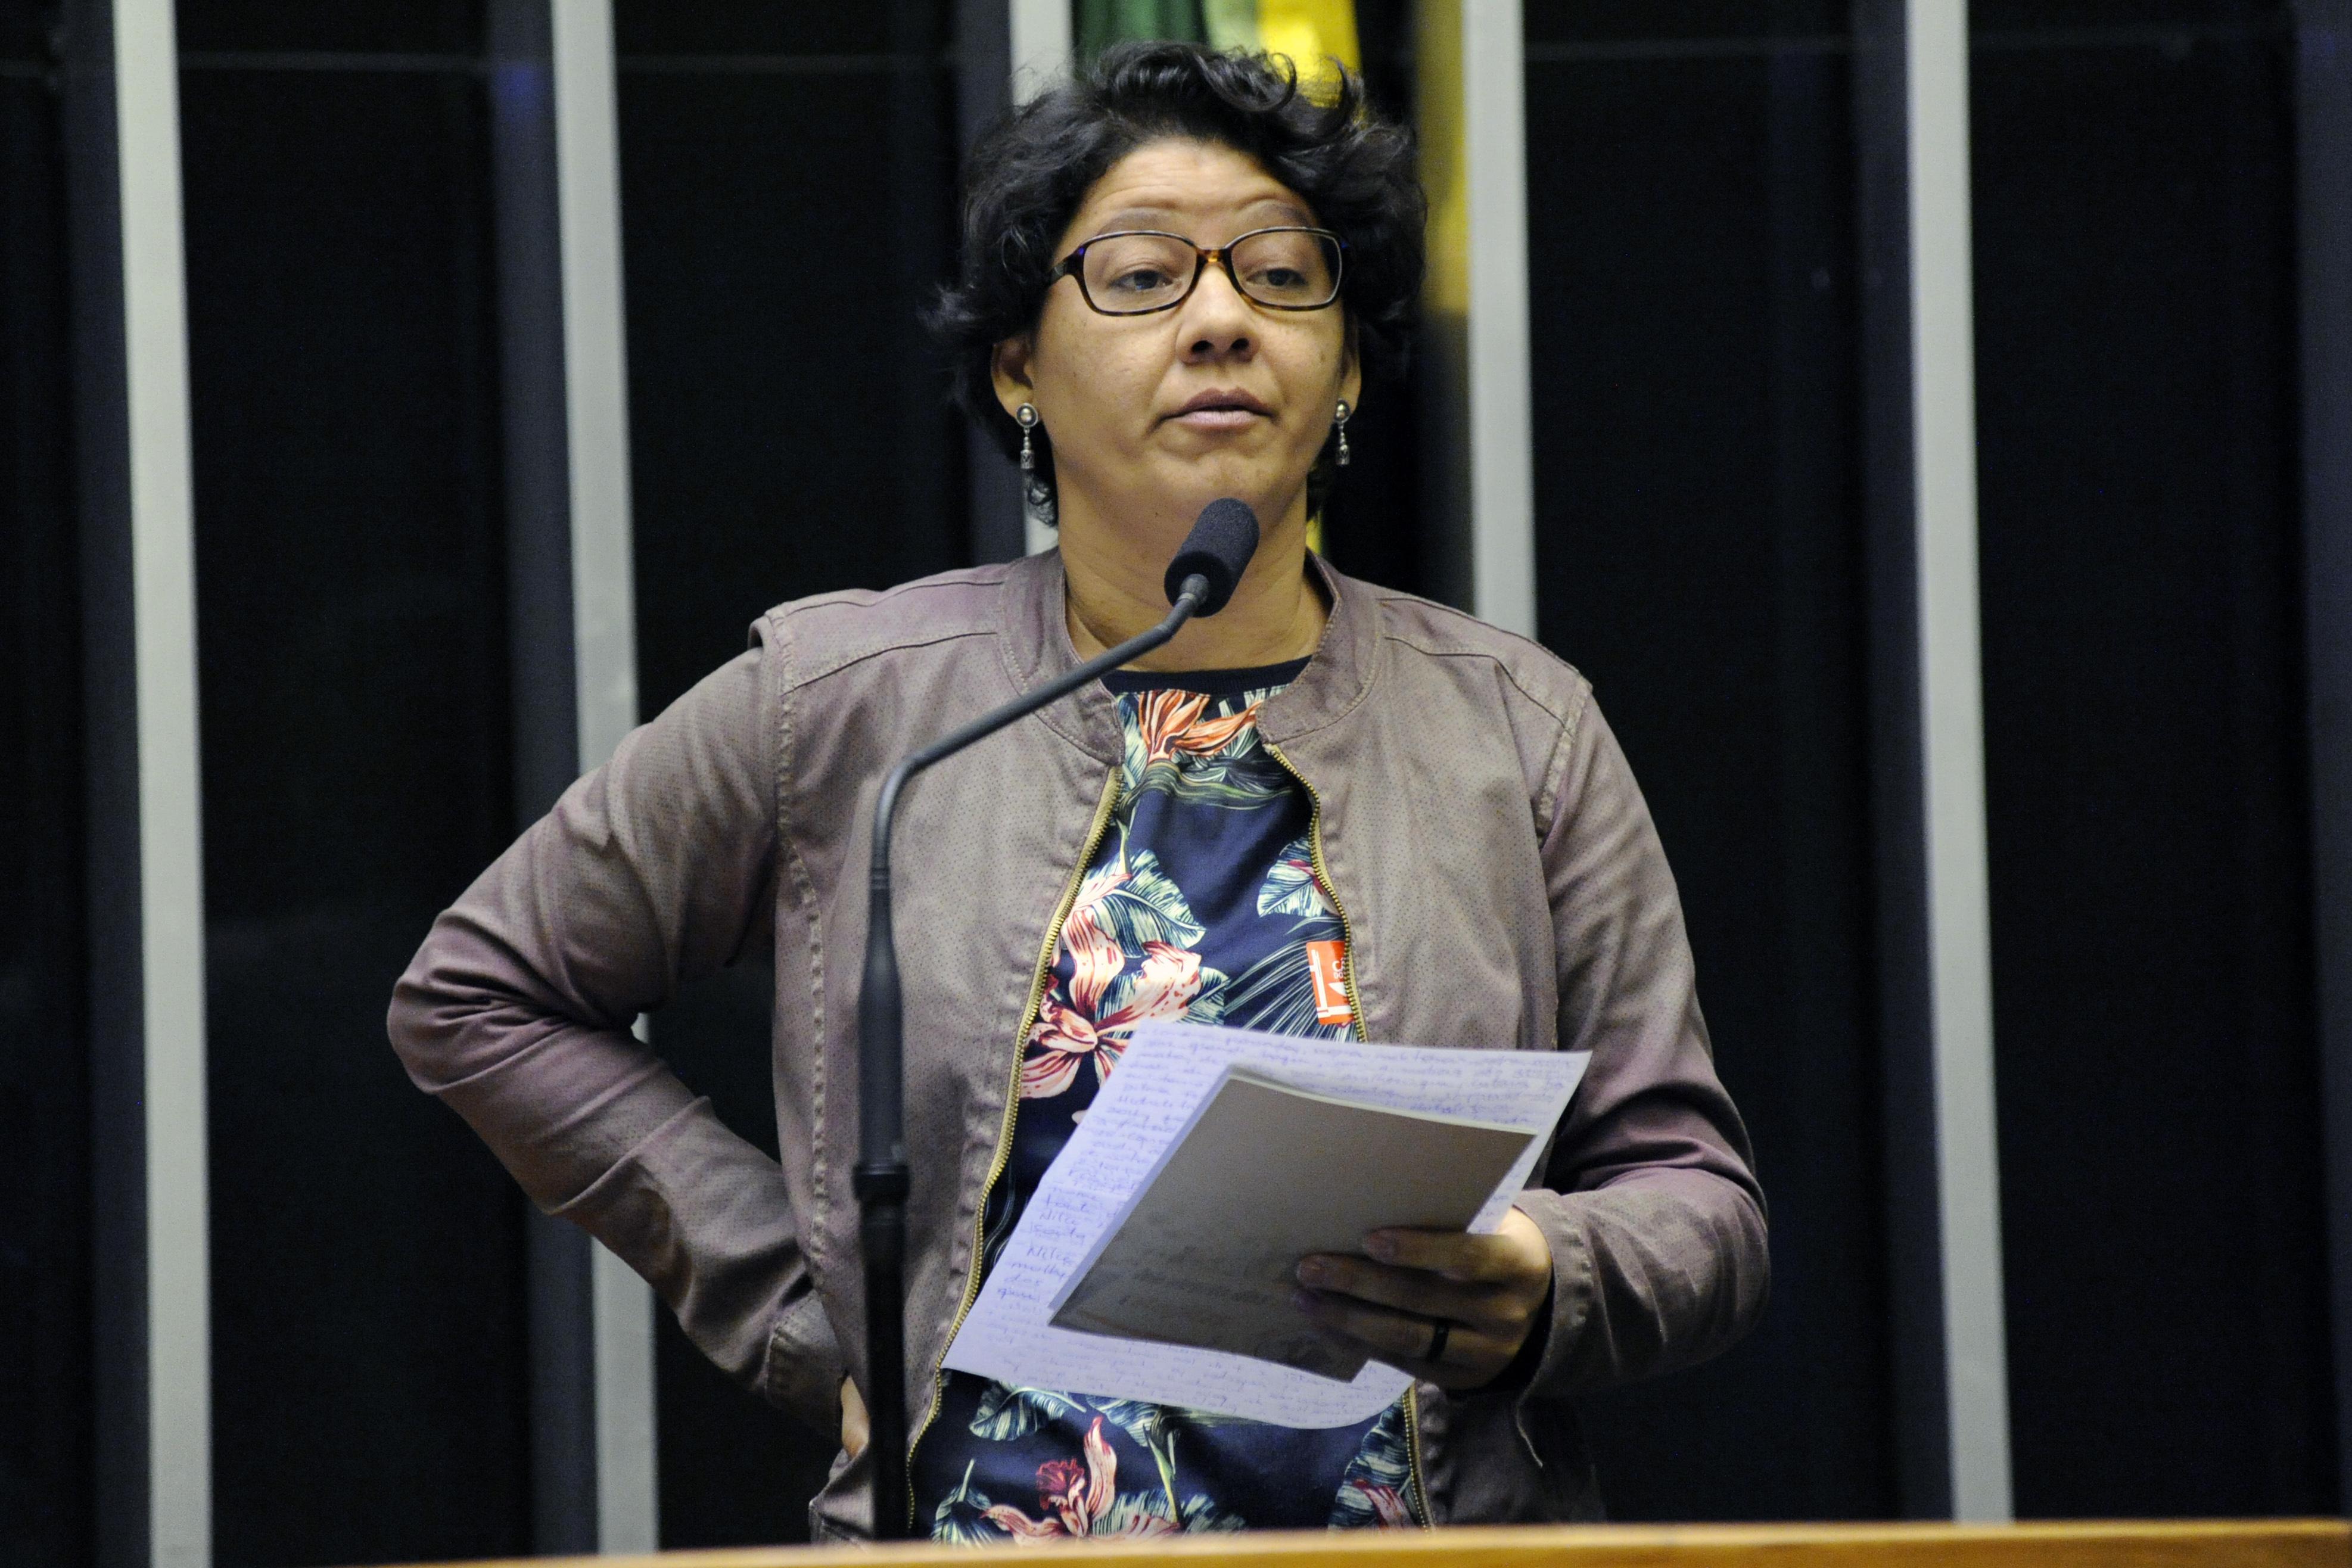 Homenagem ao Dia Internacional do Direito à Verdade. Representante do Movimento dos Atingidos por Barragens, Adriana Dantas